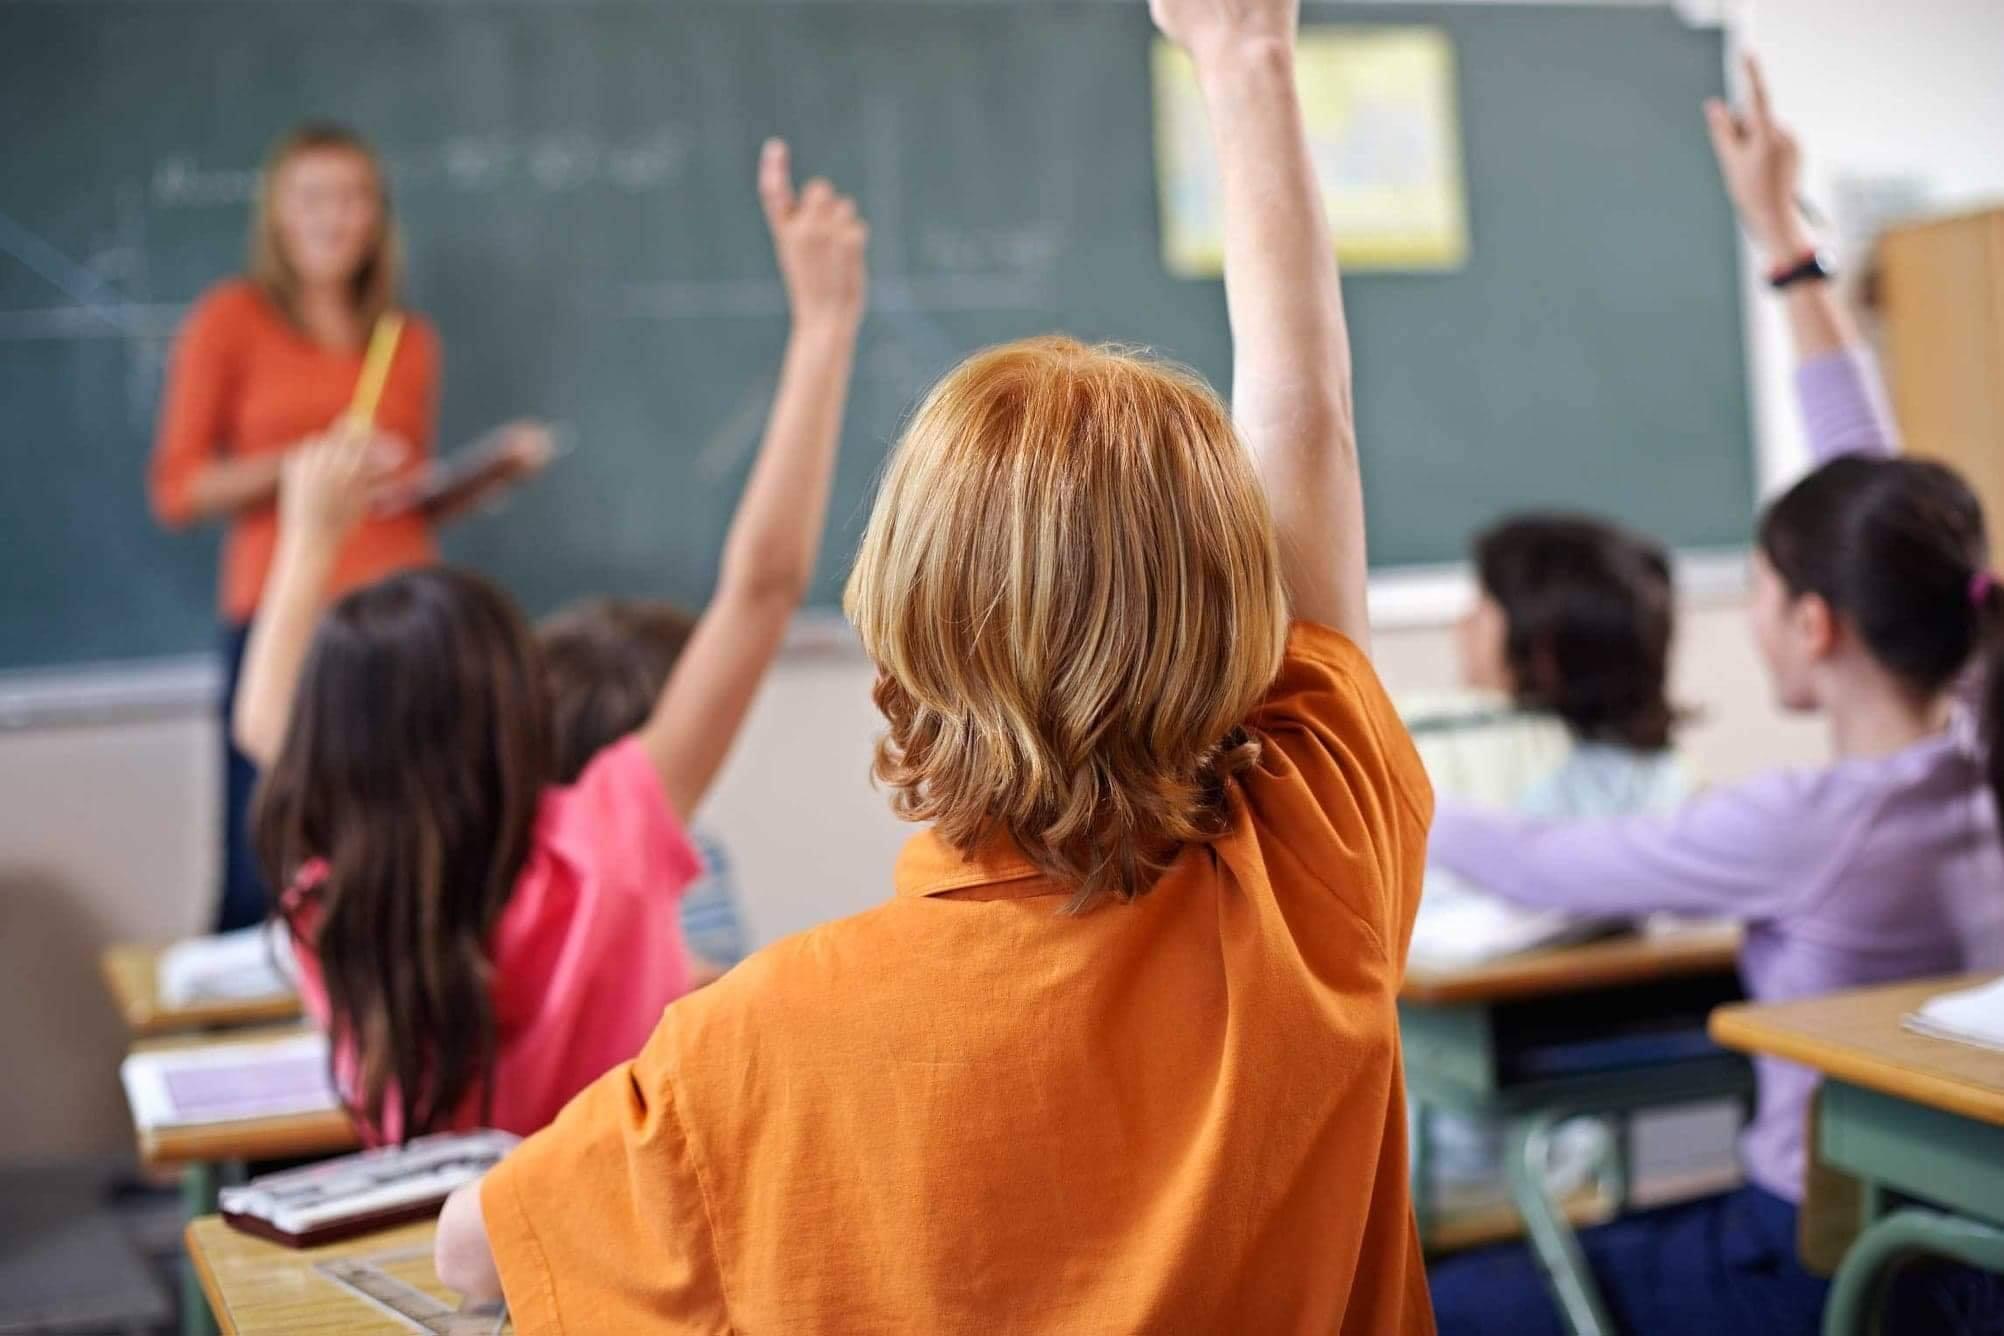 Ce surpriză îi așteaptă pe elevii moldoveni în acest an de studii, monica babuc educatie, guvernul filip, scoli chisinau, copii la lectii,